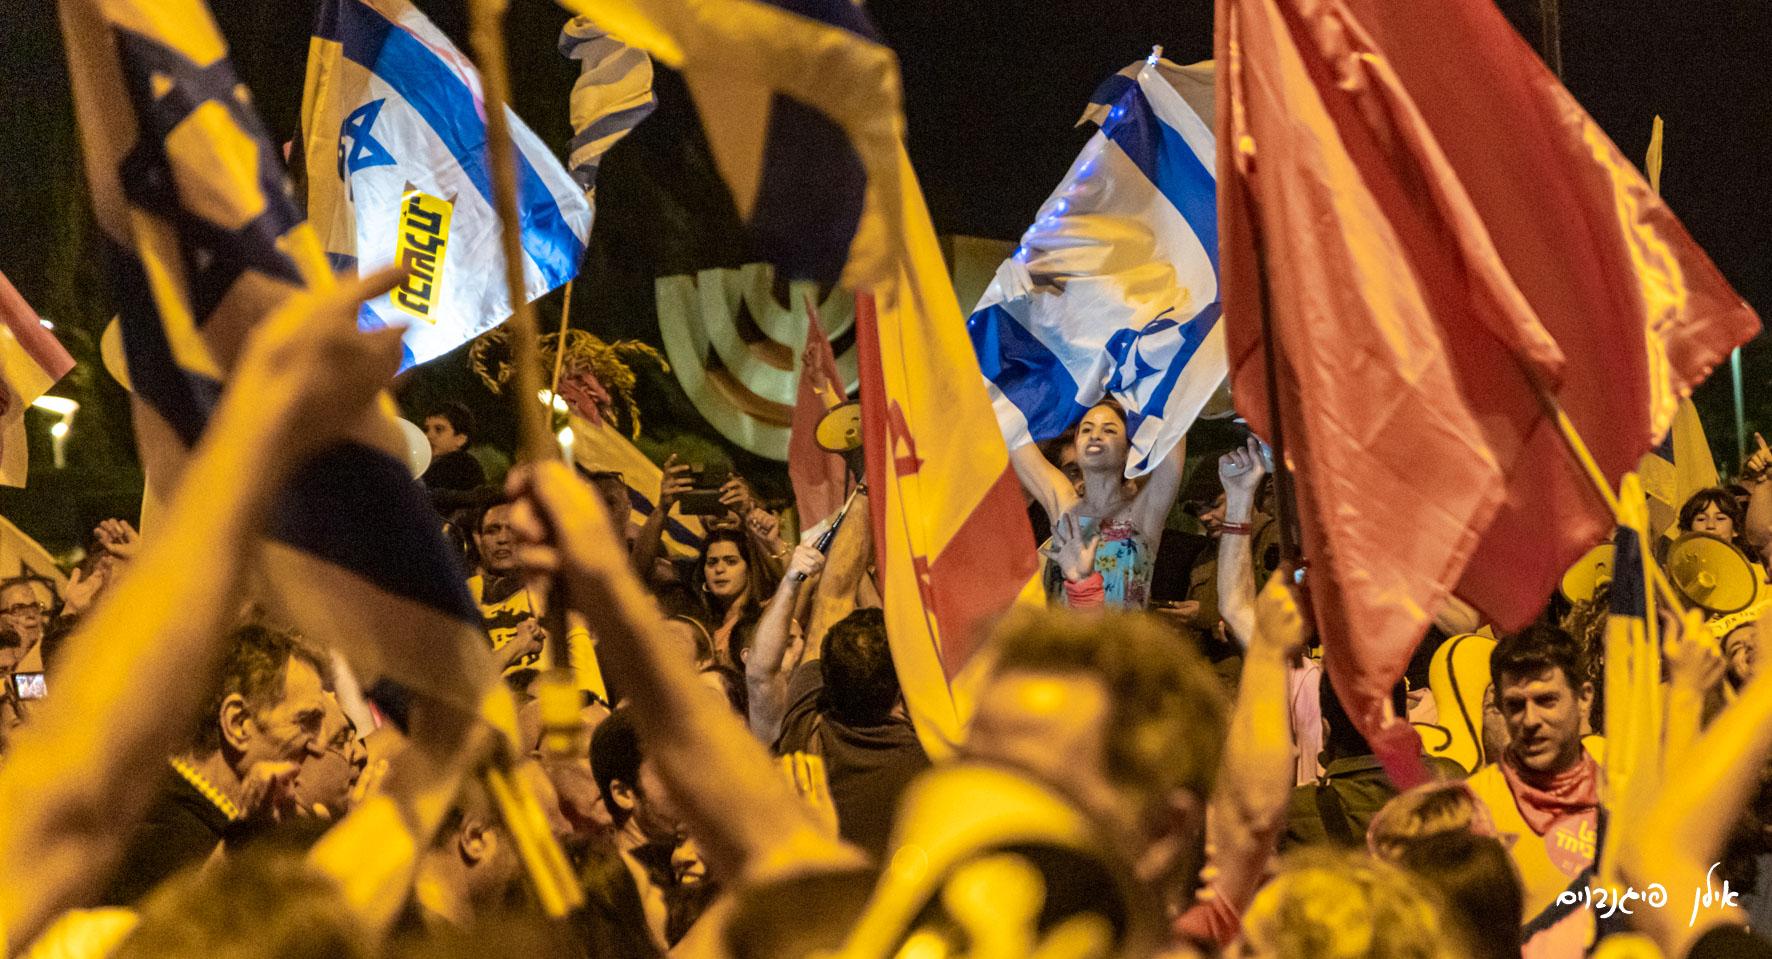 החגיגות מול הכנסת עם השבעת הממשלה (צילום: אילן פייגנבוים)